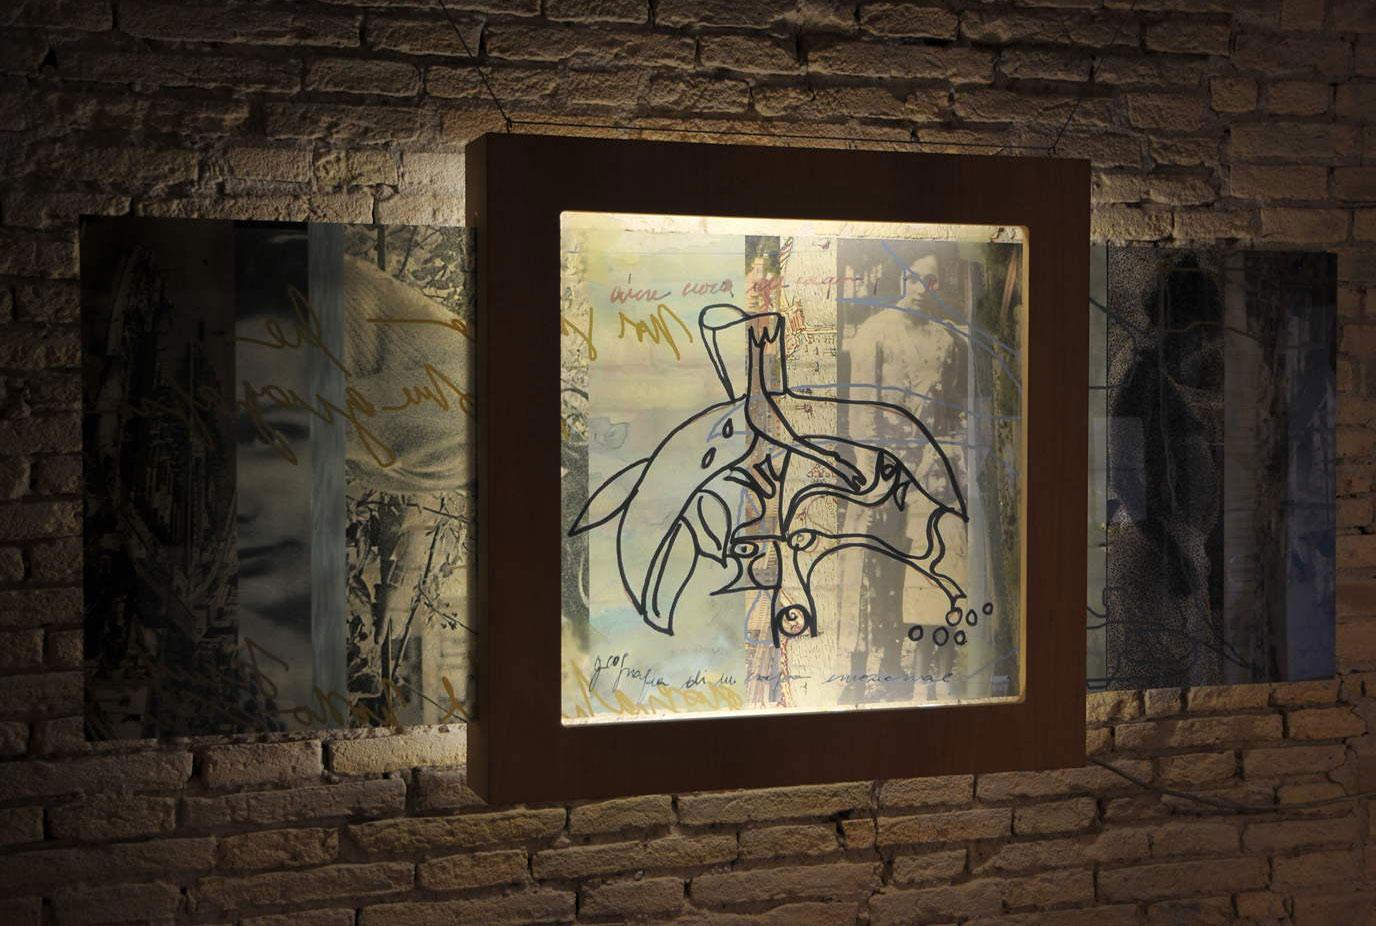 Architettura sentimentale/ 2011Scultura :plexiglas serigrafia,luce, legno;